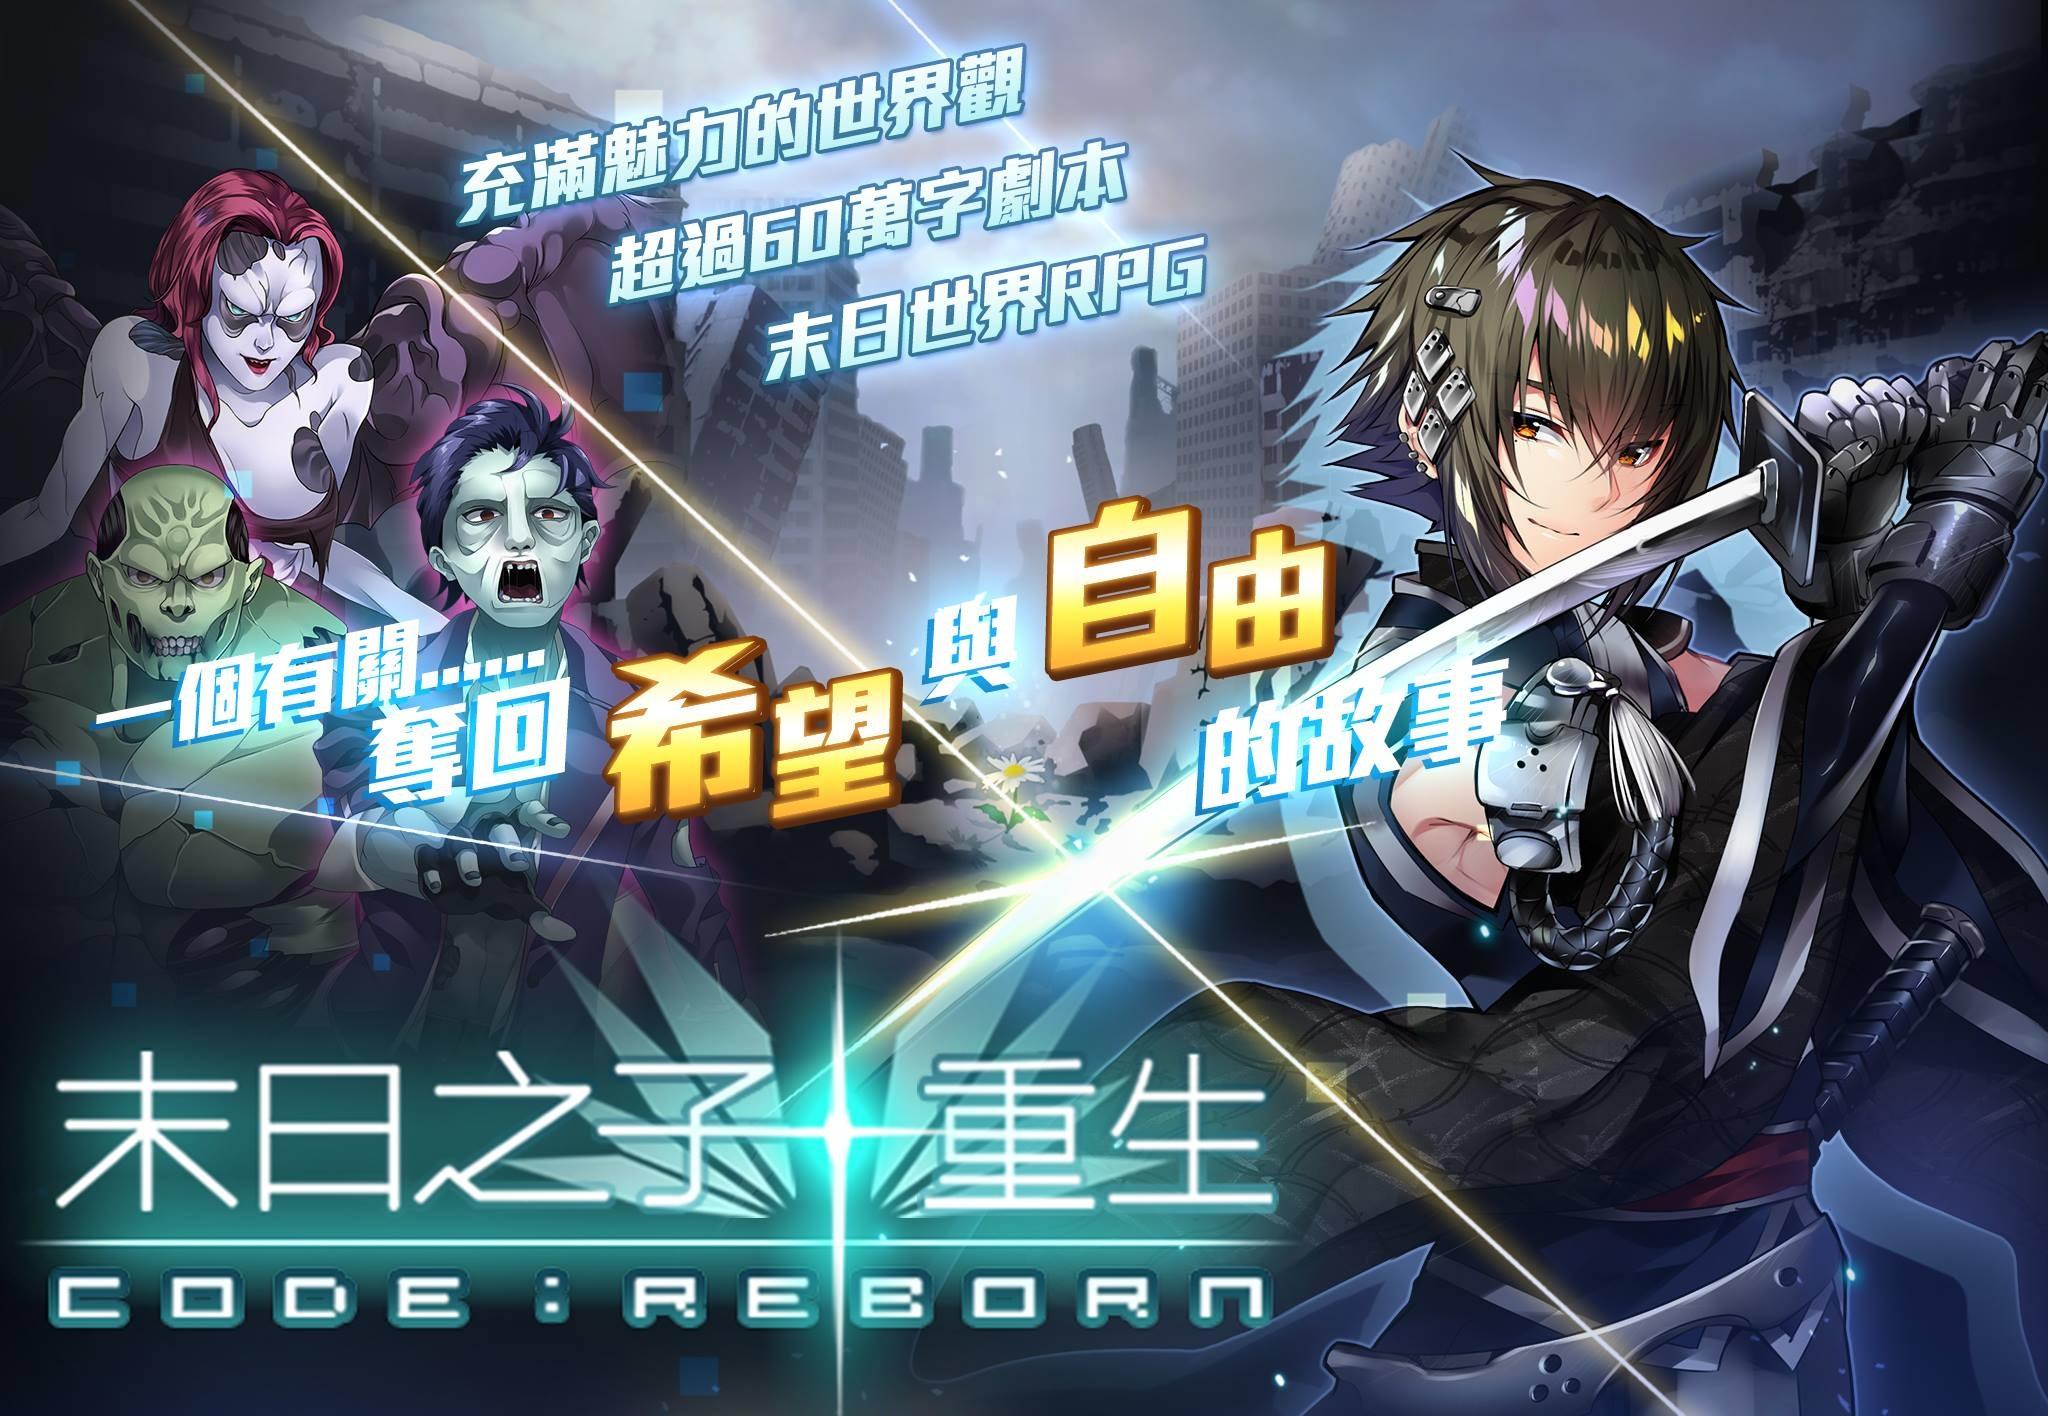 《末日之子.重生》以60萬字演繹劇情 配音陣容雄厚 誓要成為台灣知名IP